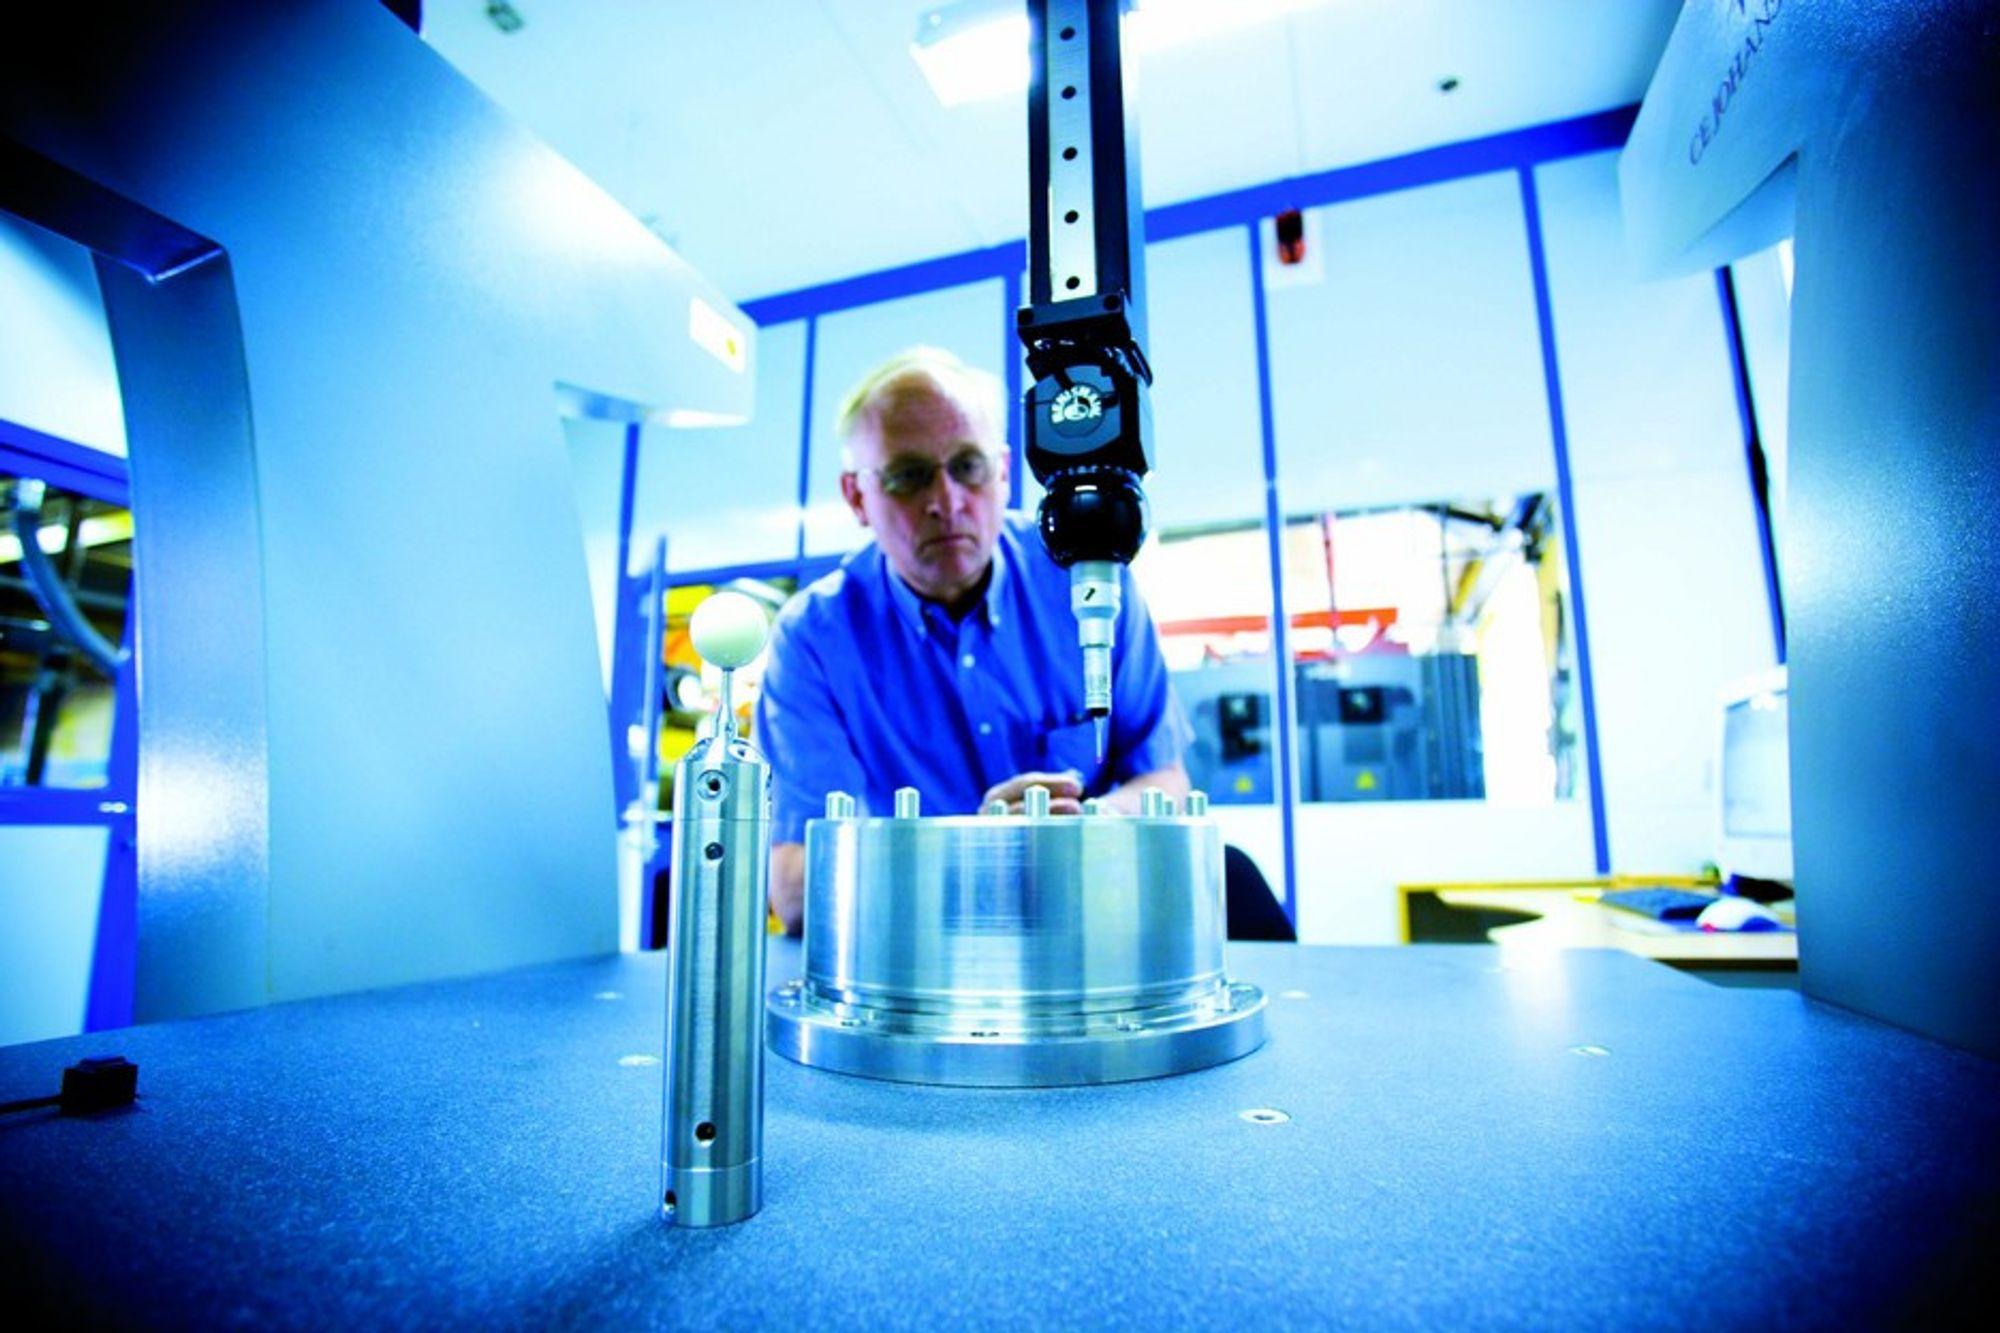 DOKUMENTERER: Danske Kvisgaards Maskinfabrik håper å få flere norske kunder, blant annet i oljeindustrien. Her gjøres måleteknisk dokumentasjon med 3D-koordinatmålemaskin.